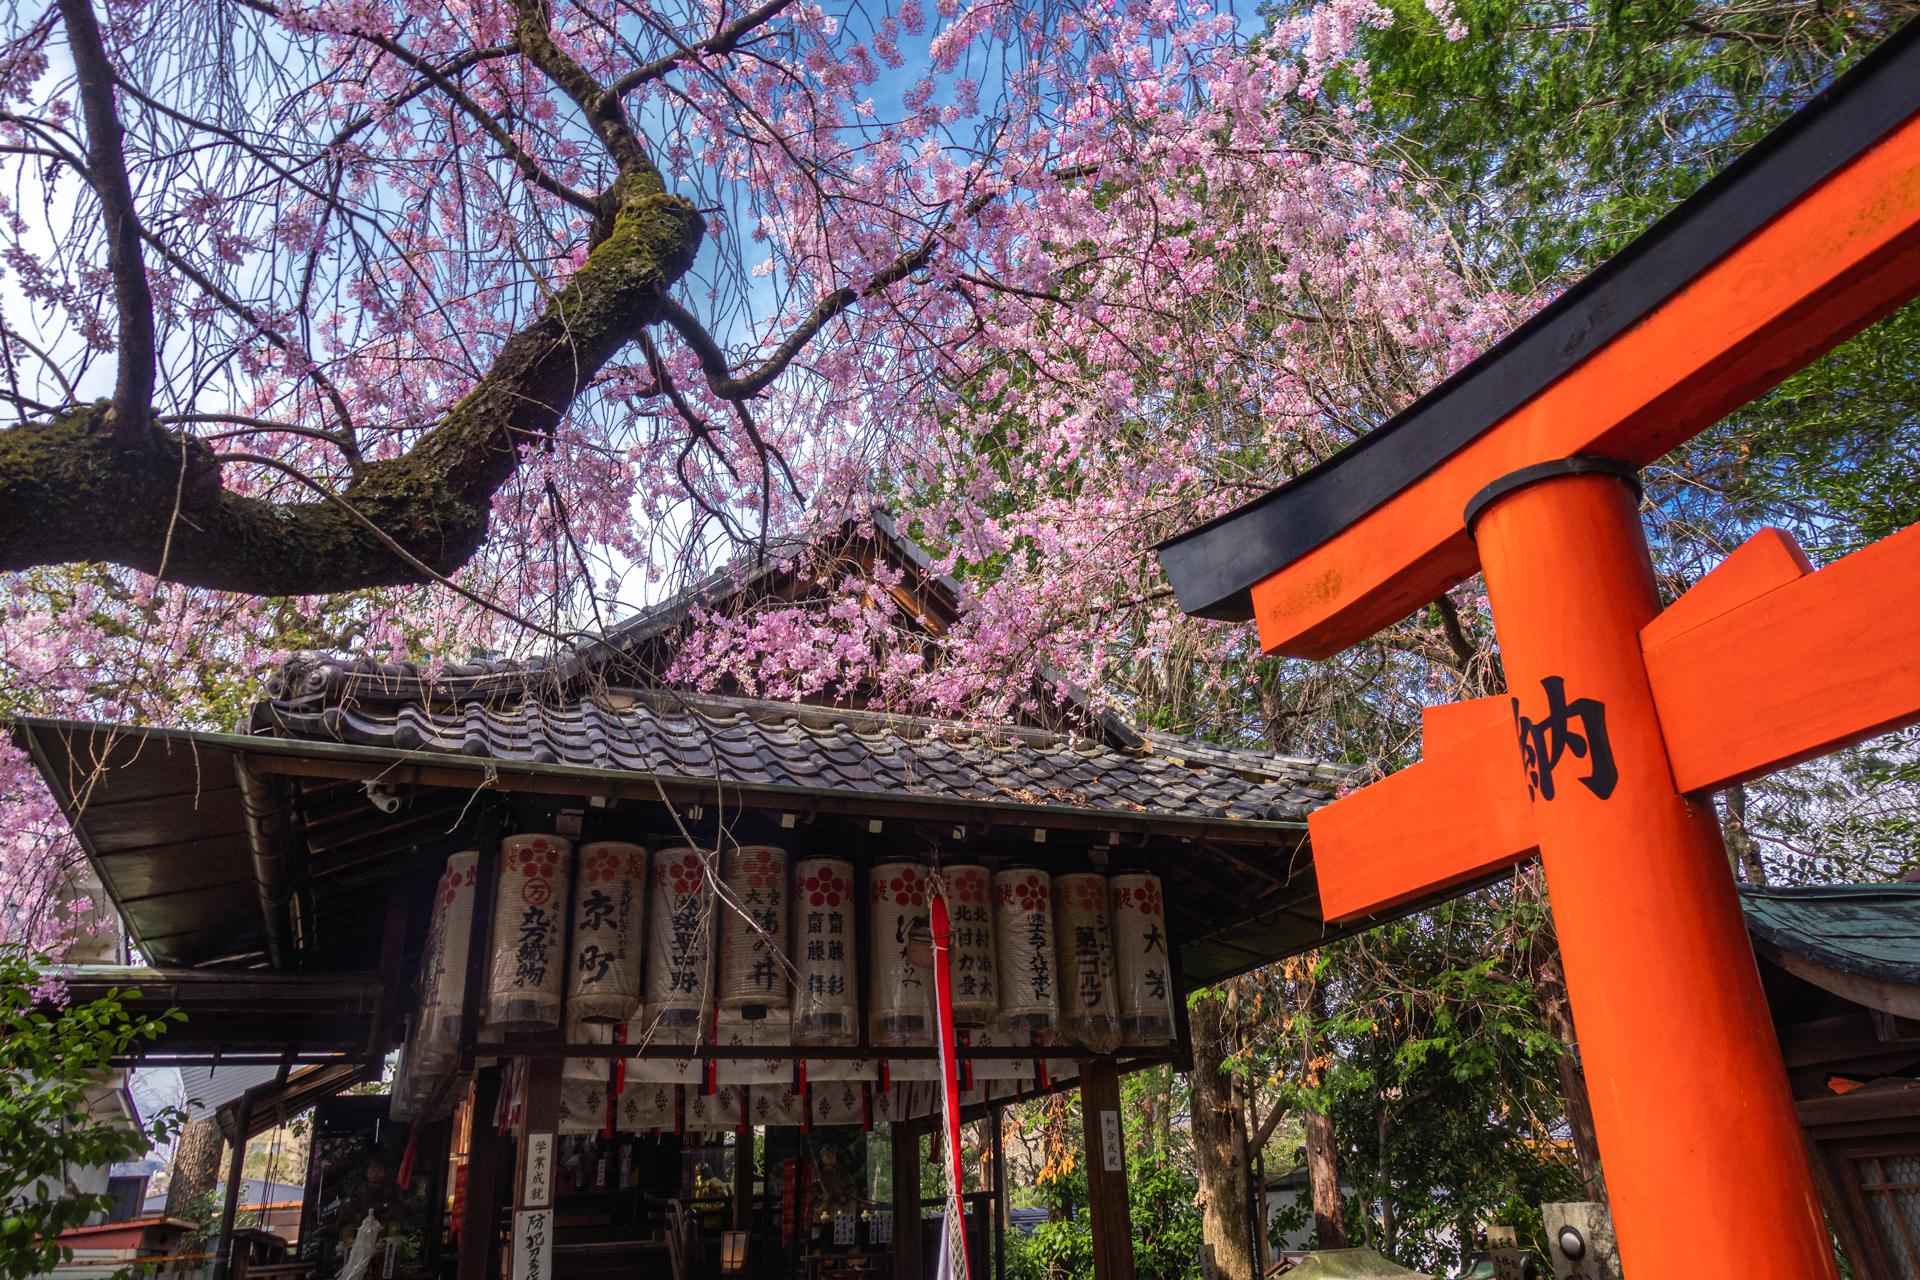 DSC05130 京都府 水火天満宮(境内に咲く紅枝垂桜が美しいおすすめの桜スポット! 写真の紹介、アクセス情報など)